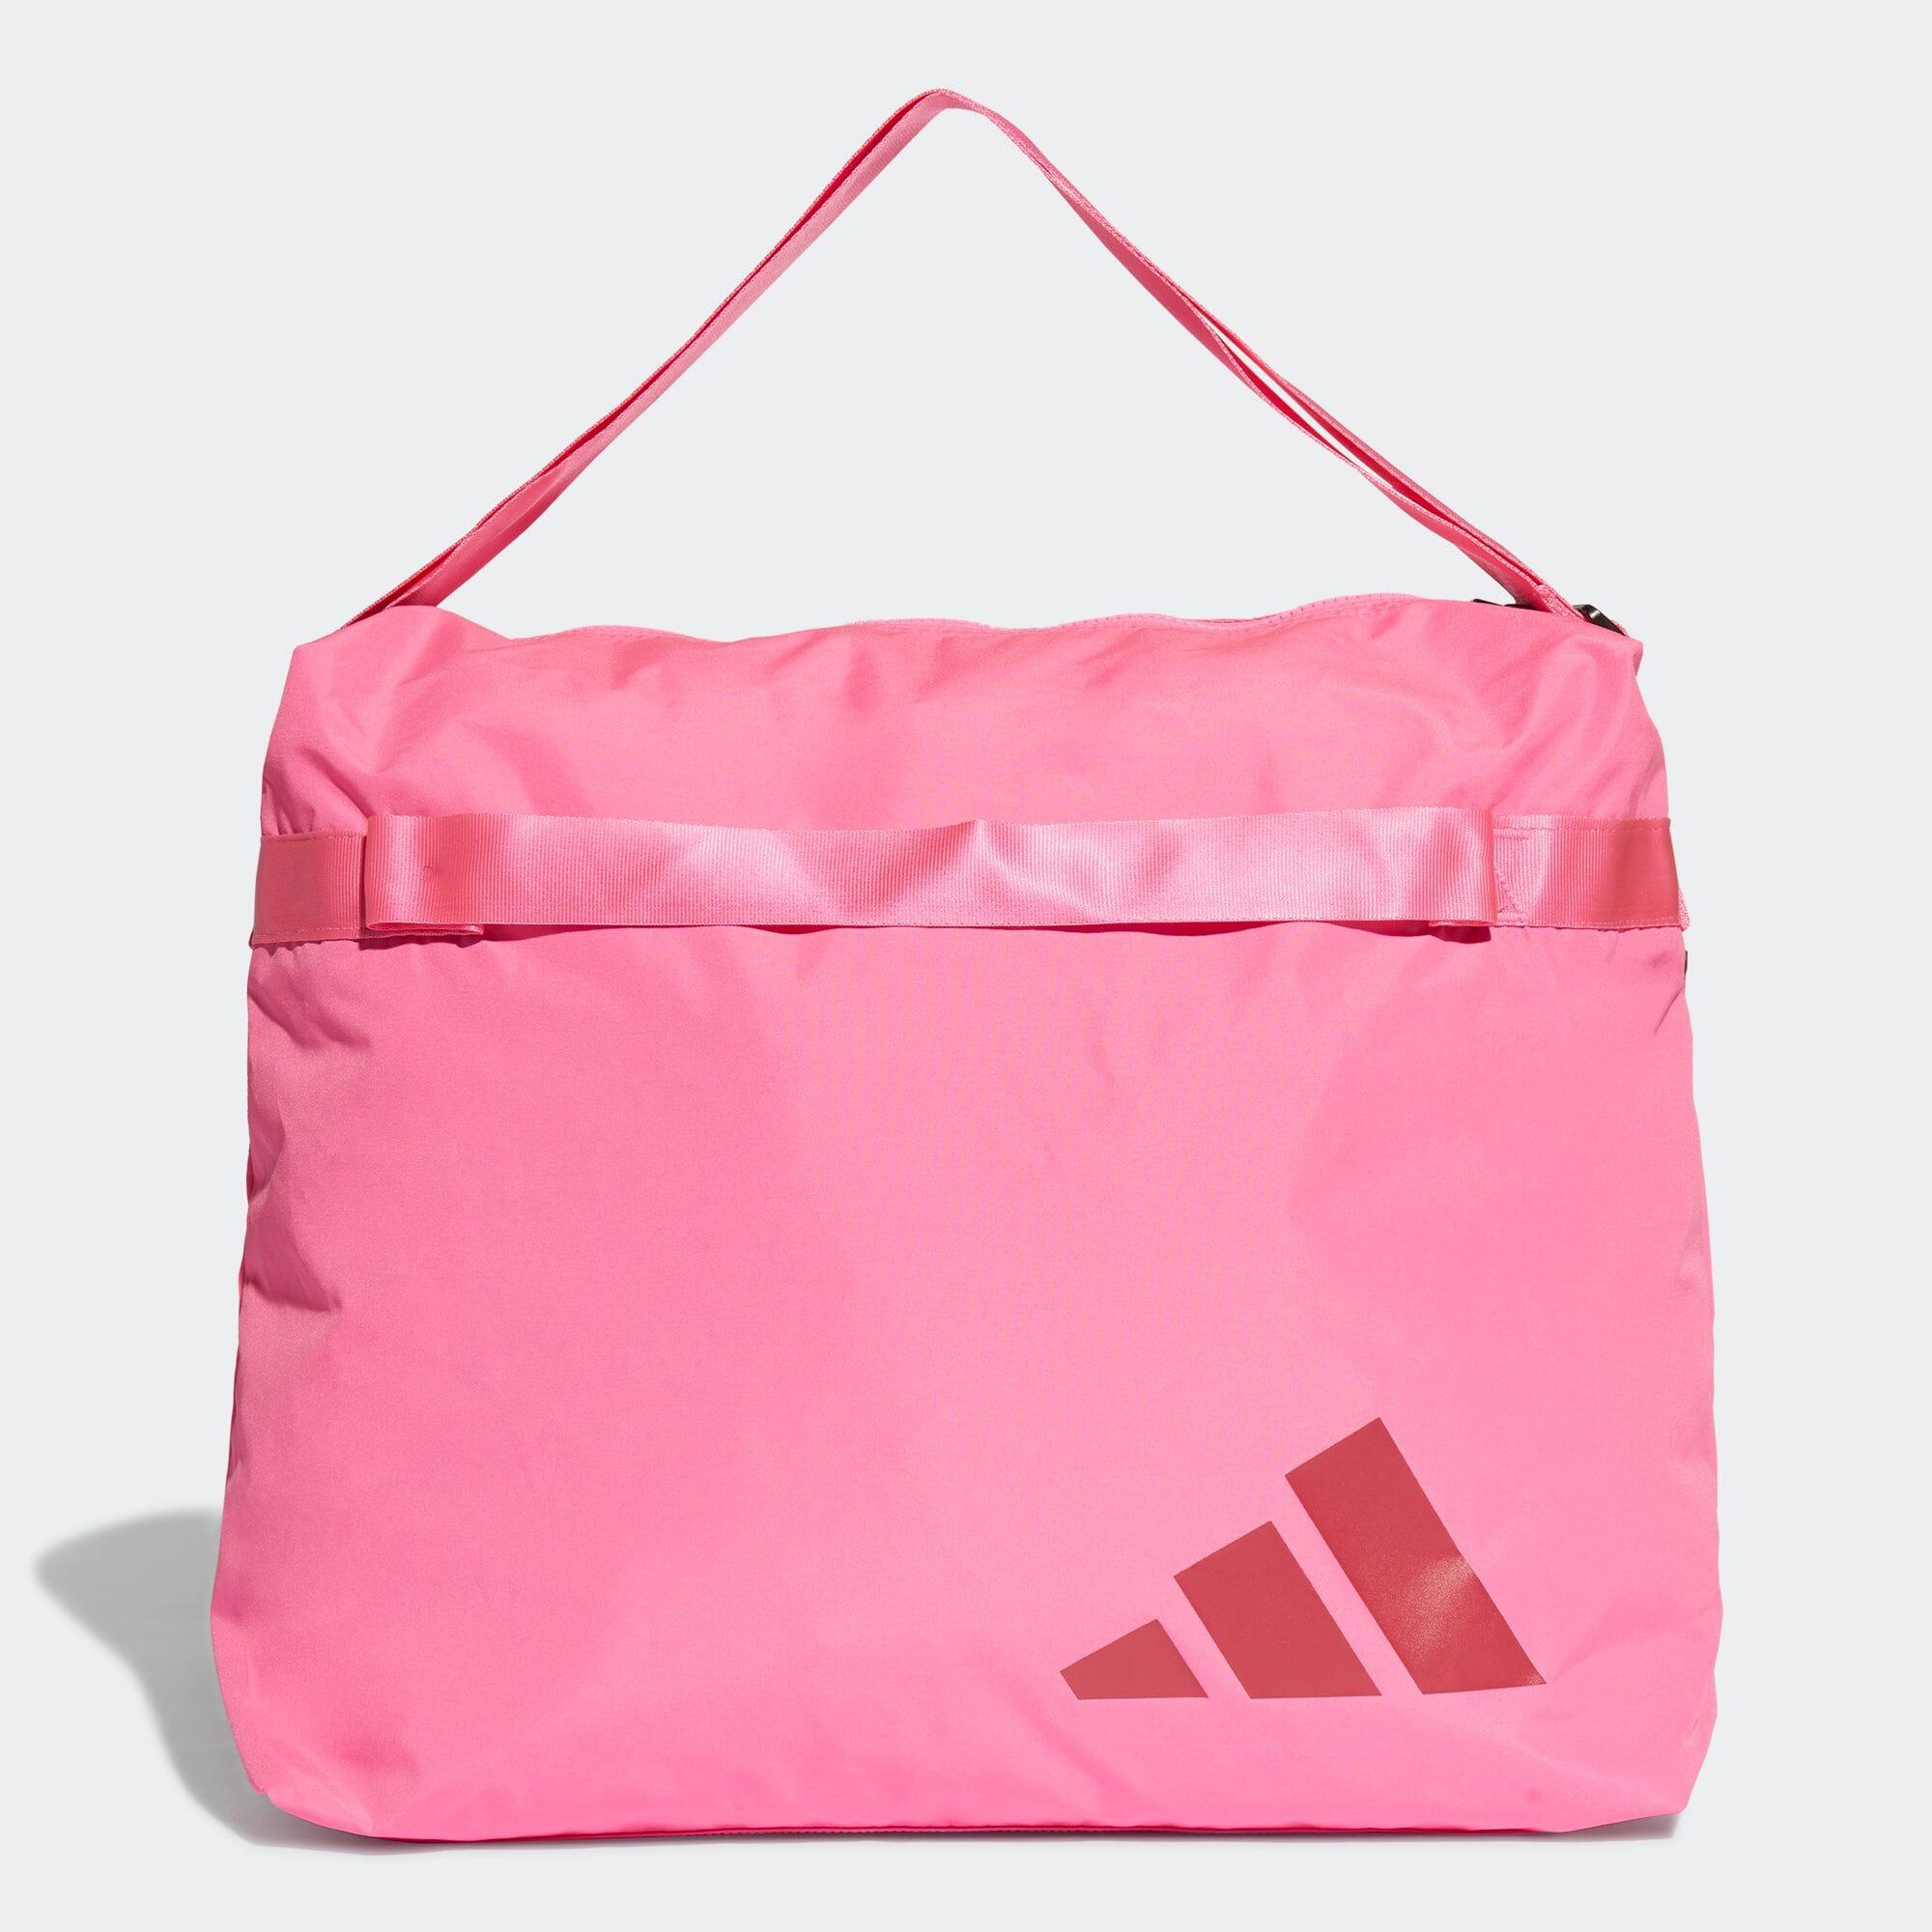 オーバーサイズ トートバッグ / Oversize Tote Bag